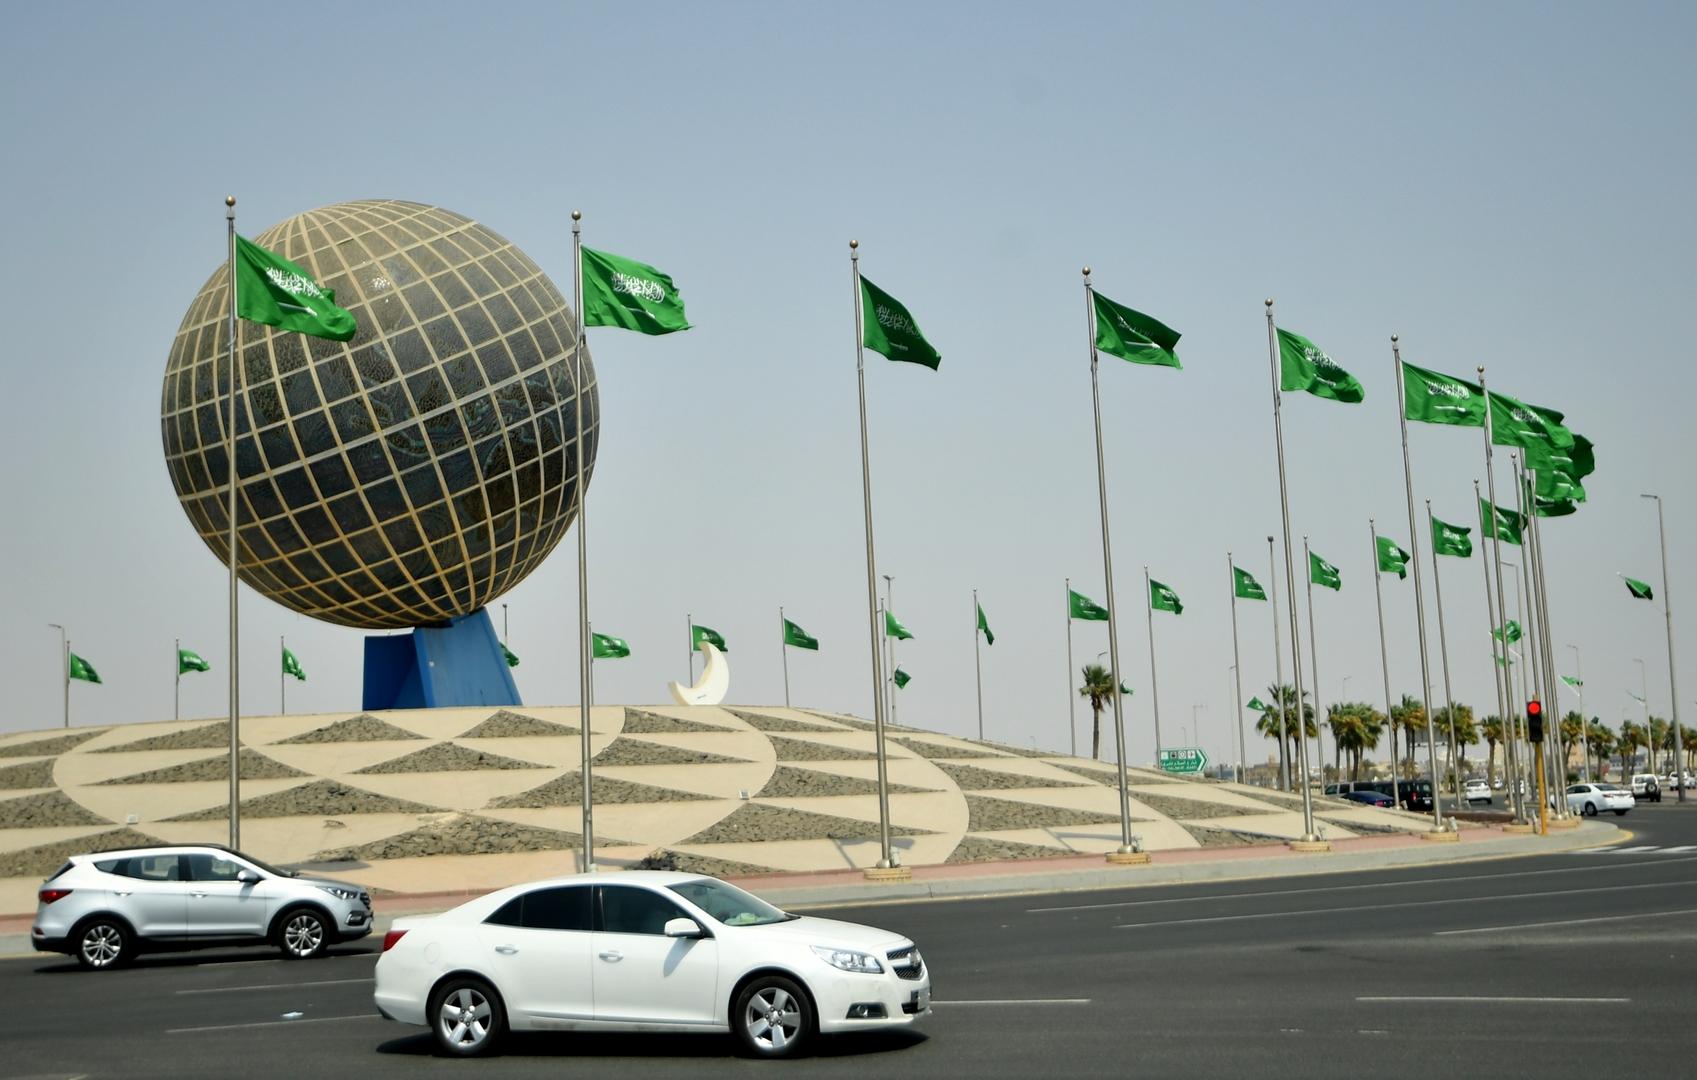 السعودية.. مقطع فيديو متداول لامرأة تقتحم بسيارتها مكتب اتصالات في الرياض